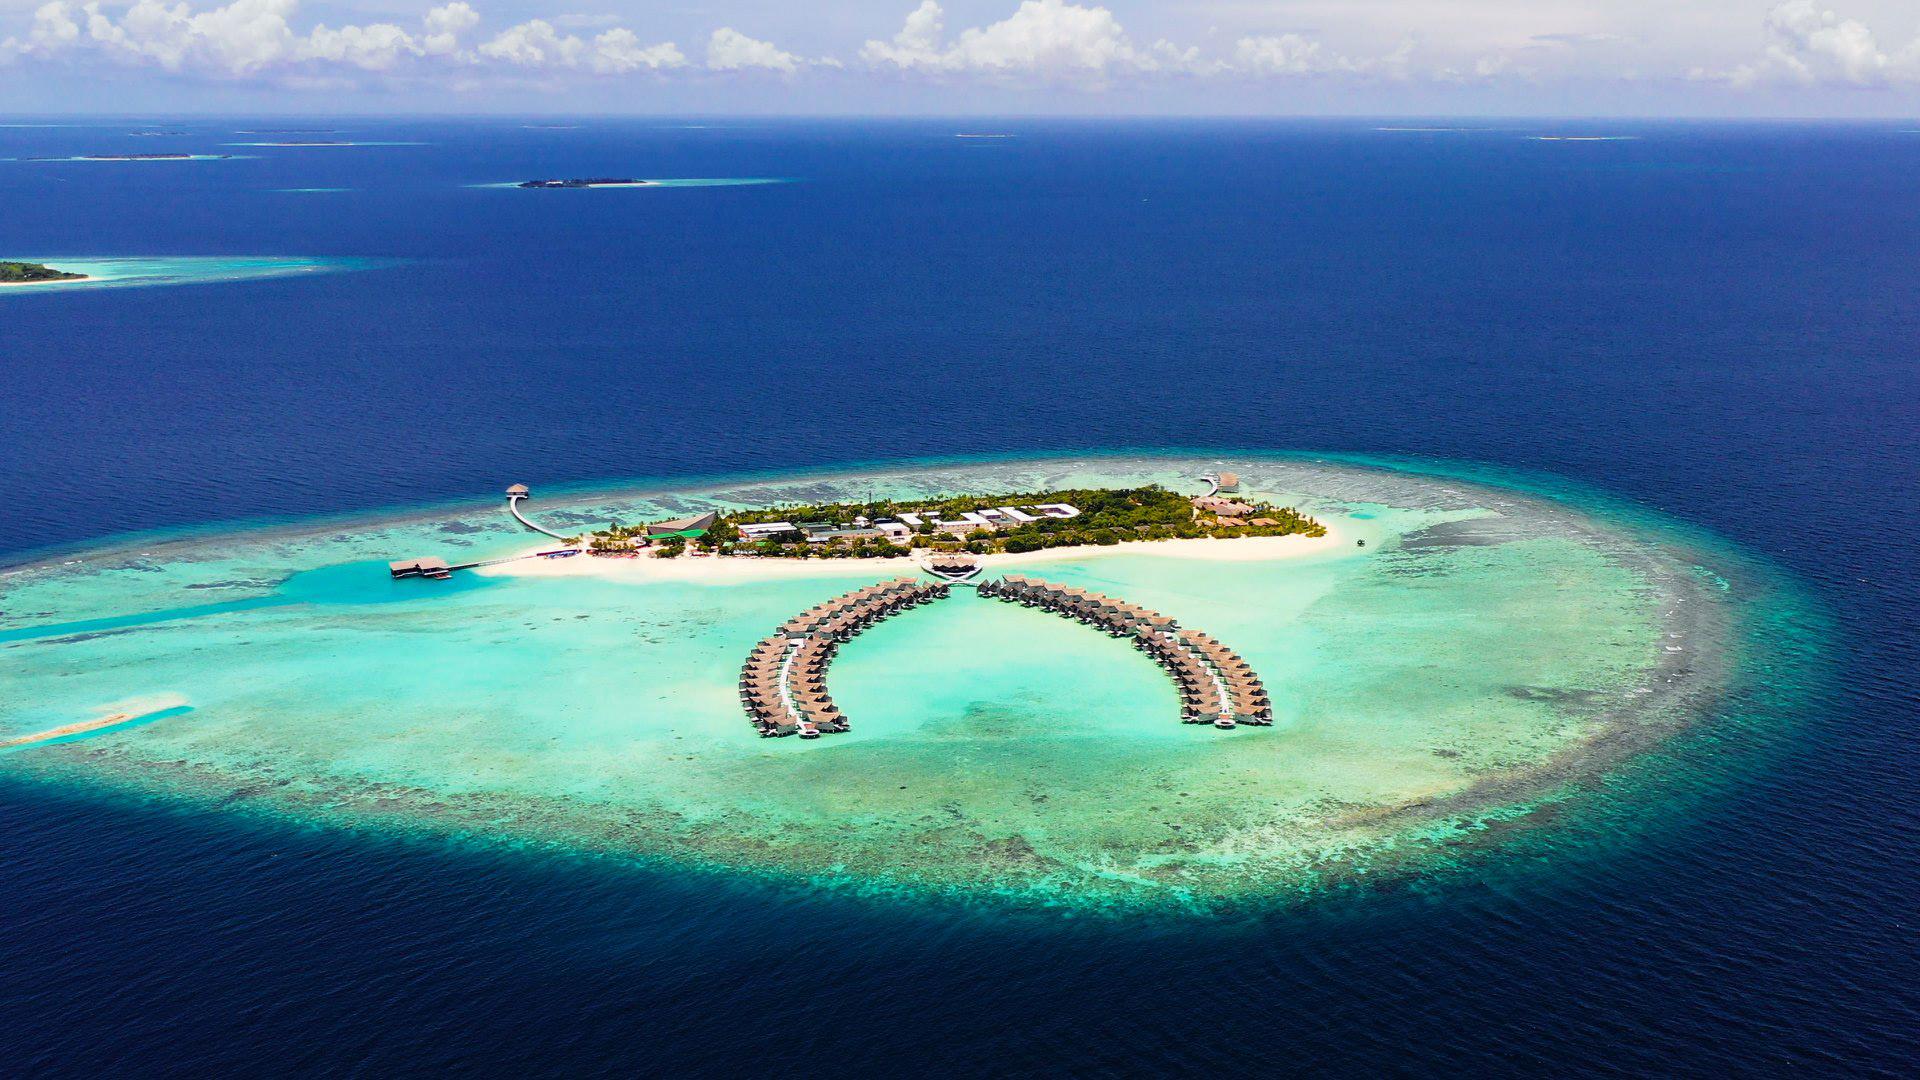 马尔代夫Kuredhivaru岛度假村